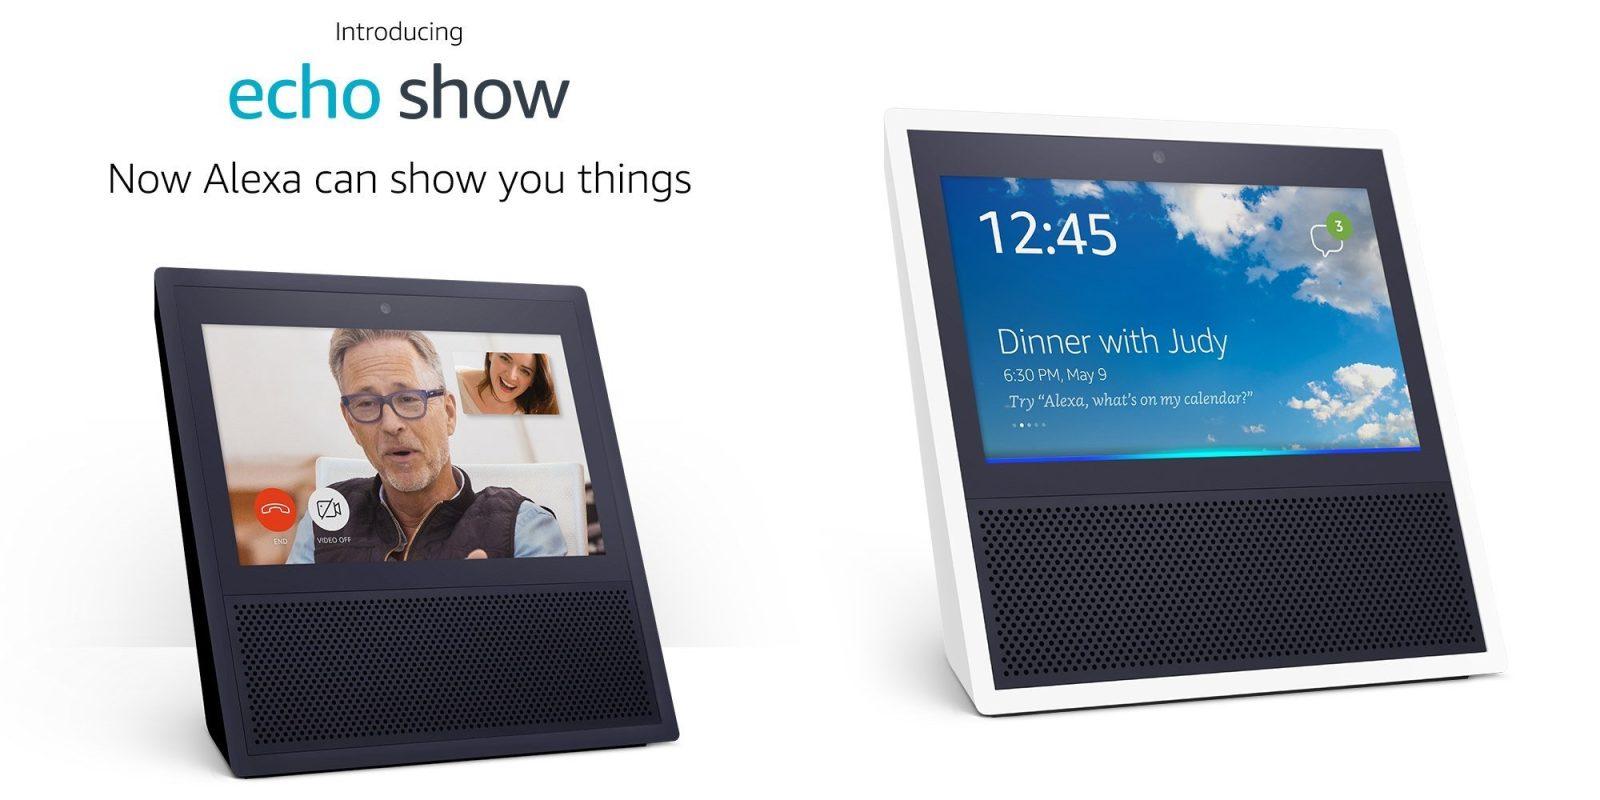 echo show video calling